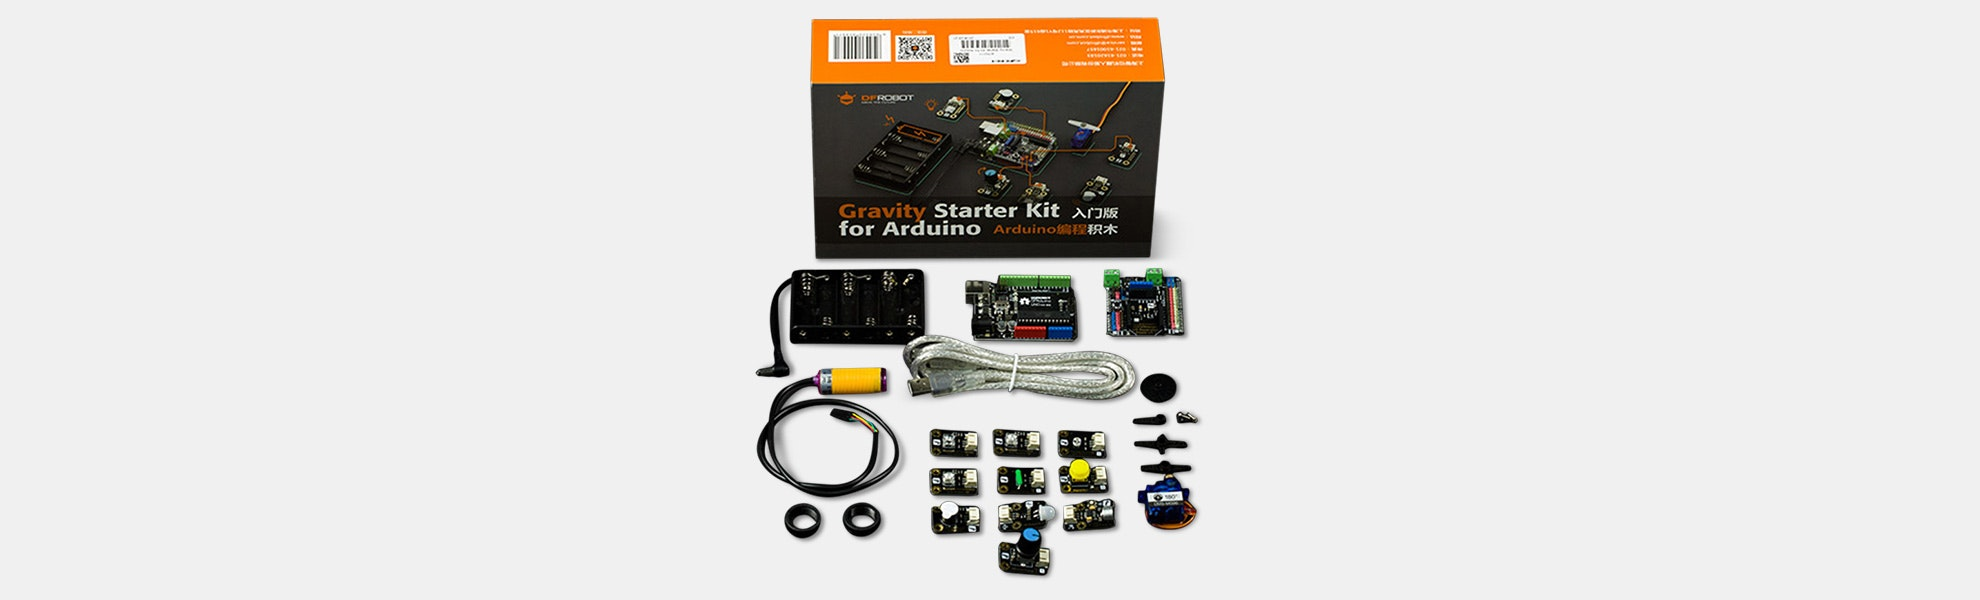 DFRobot Gravity: Starter Kit for Arduino